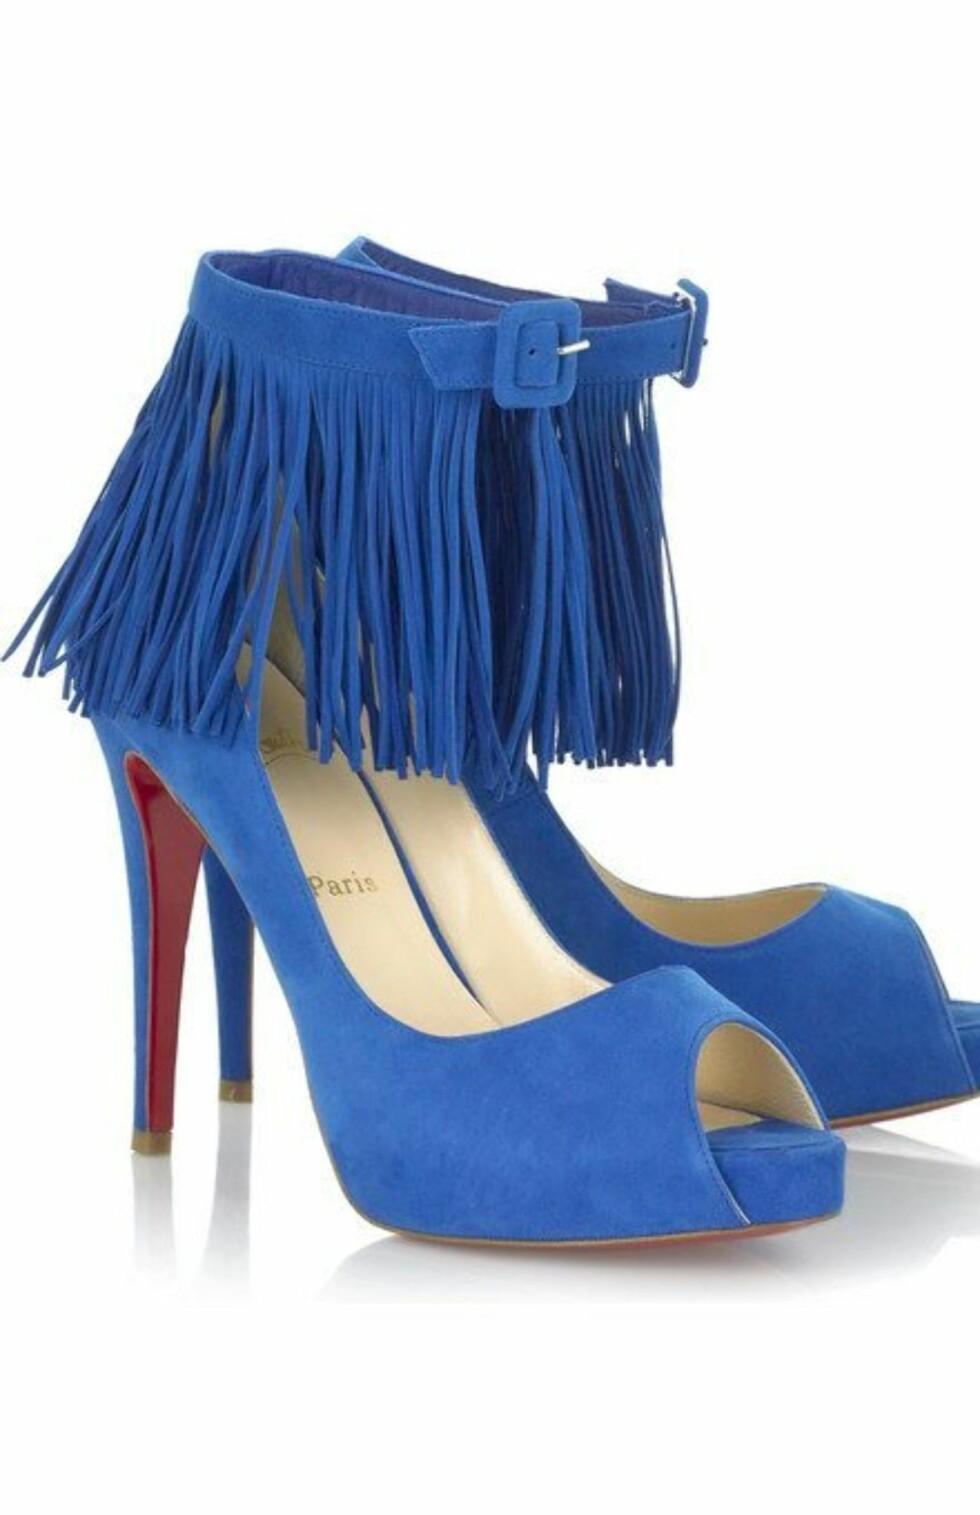 Luksusstiletter med skyhøye hæler og frynser (kr 6800, Christian Louboutin/Netaporter.com).